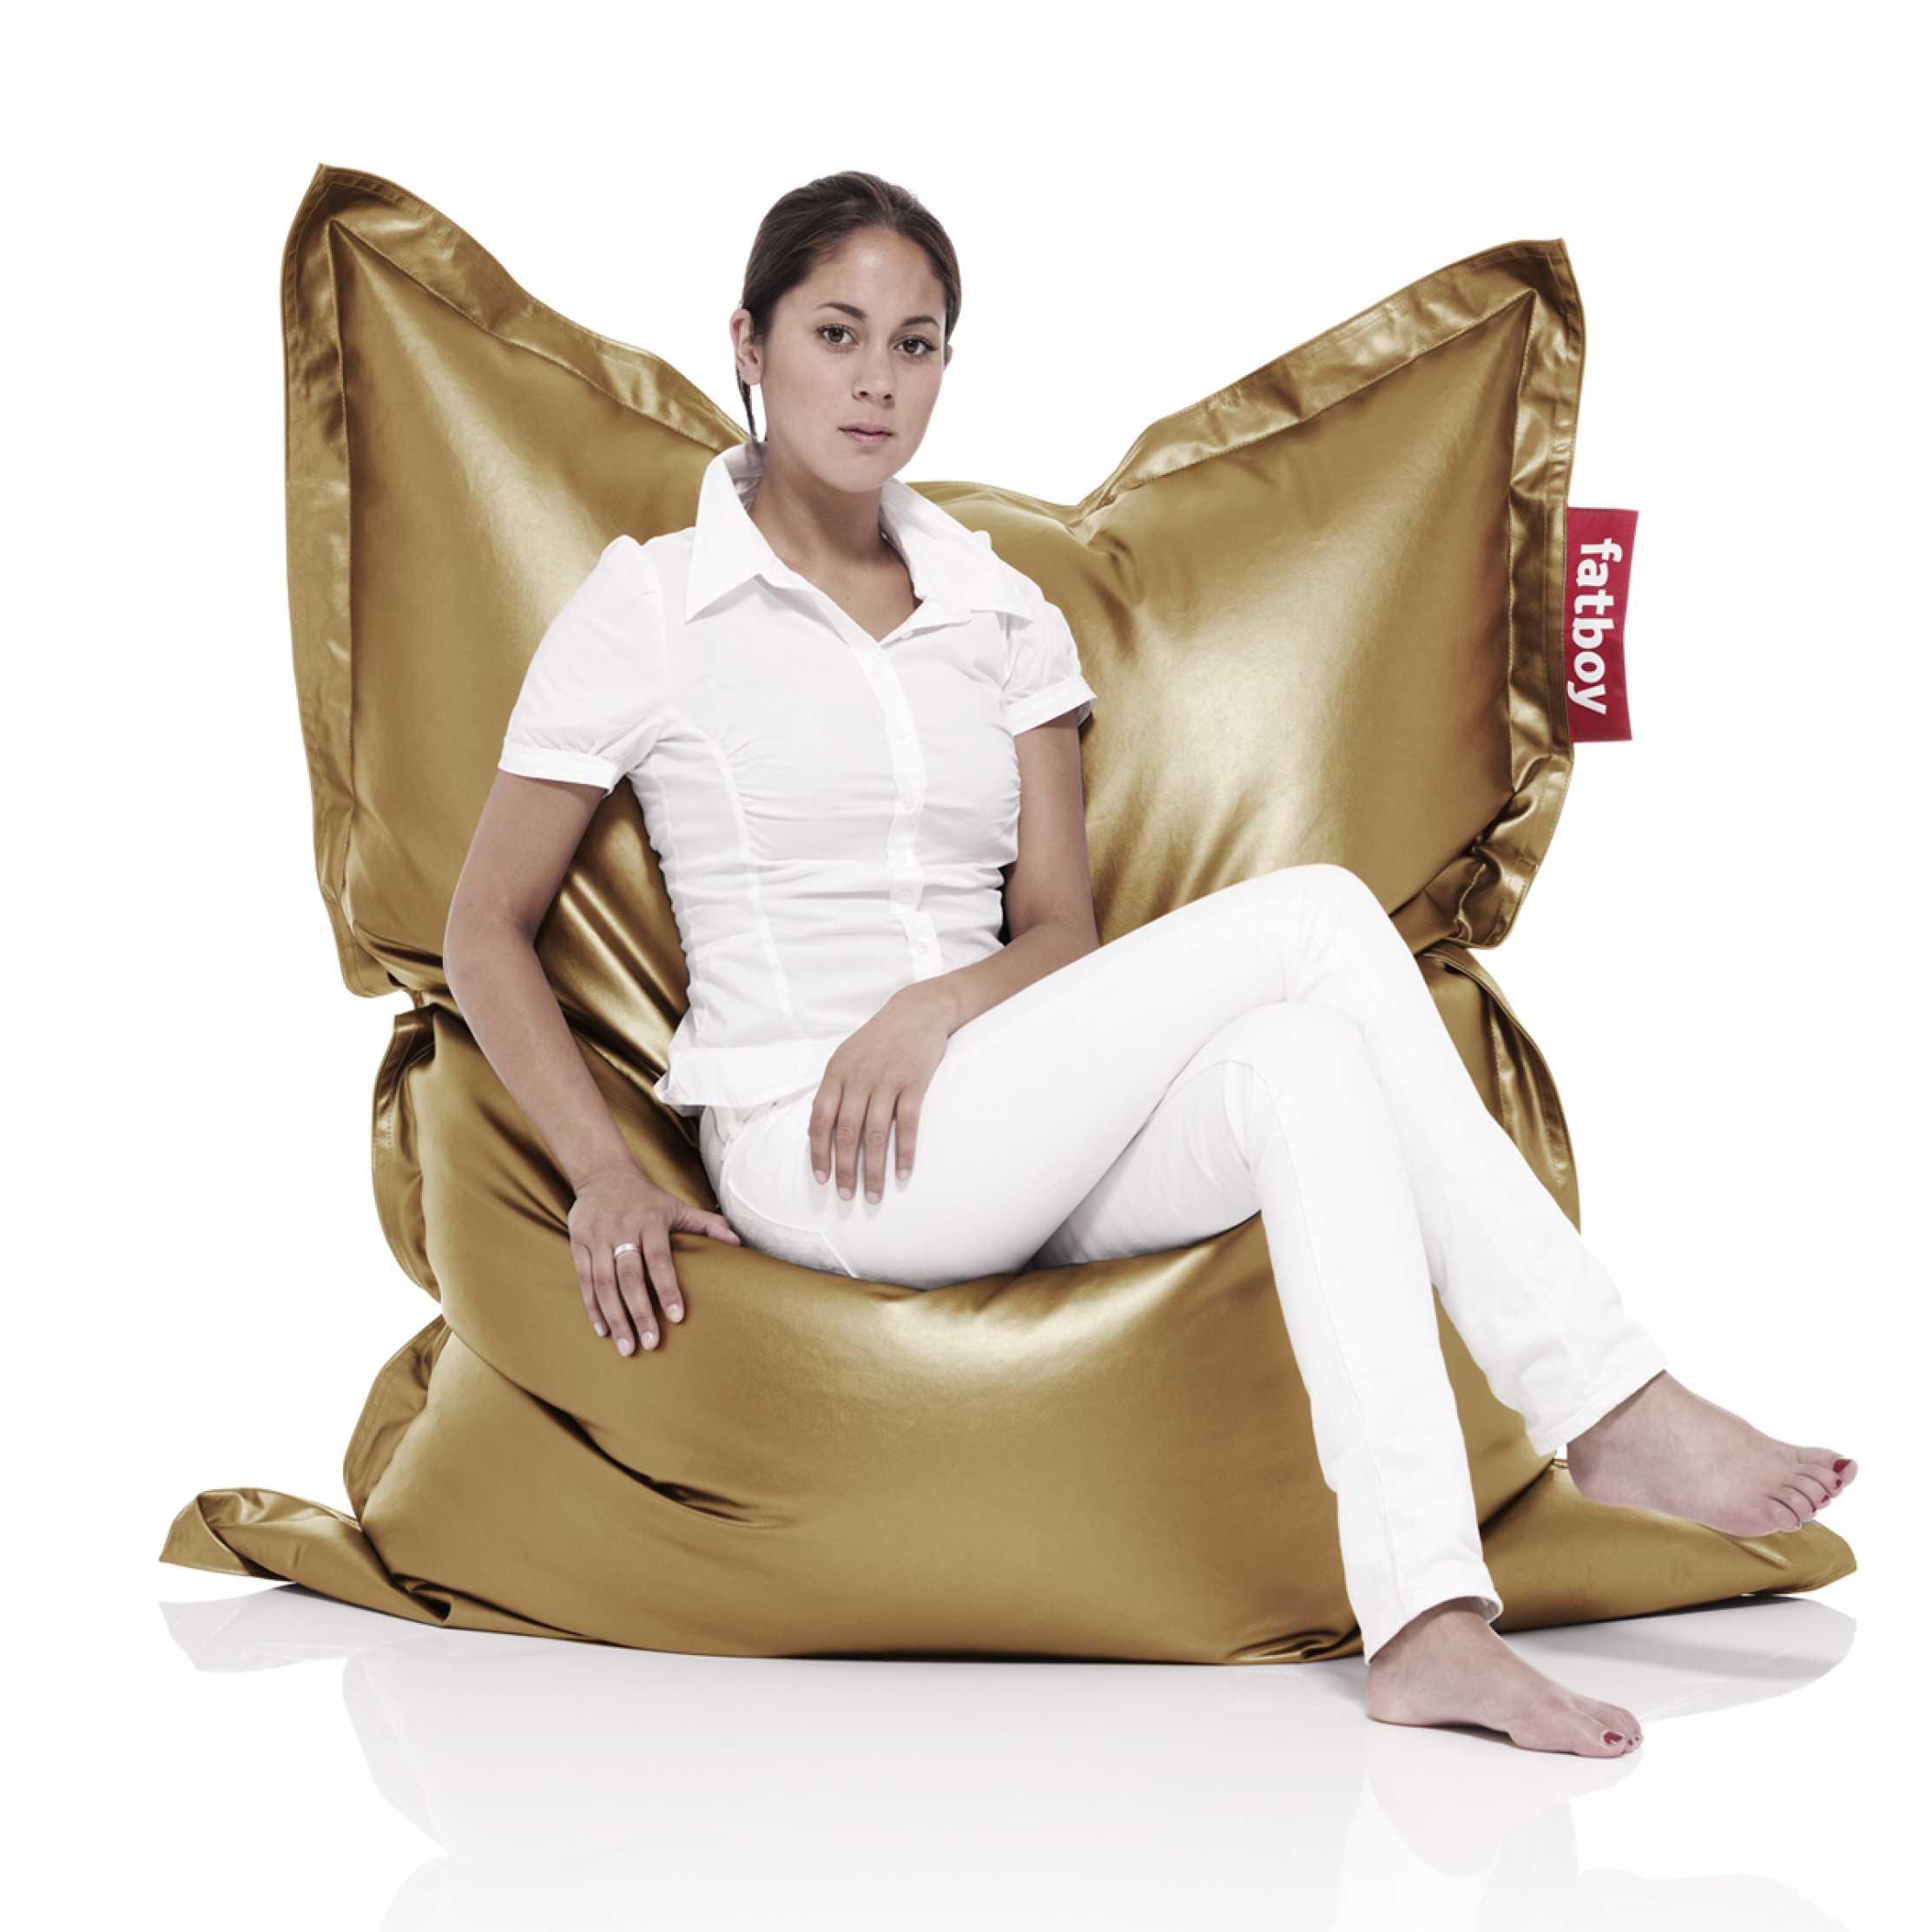 ... fat boy bean bags metalic gold  sc 1 st  Finest Bed Linen u0026 Interiors & Fat Boy Bean bag - MÈTAHLOWSKI | Home u0026 Yacht Linen and Interiors